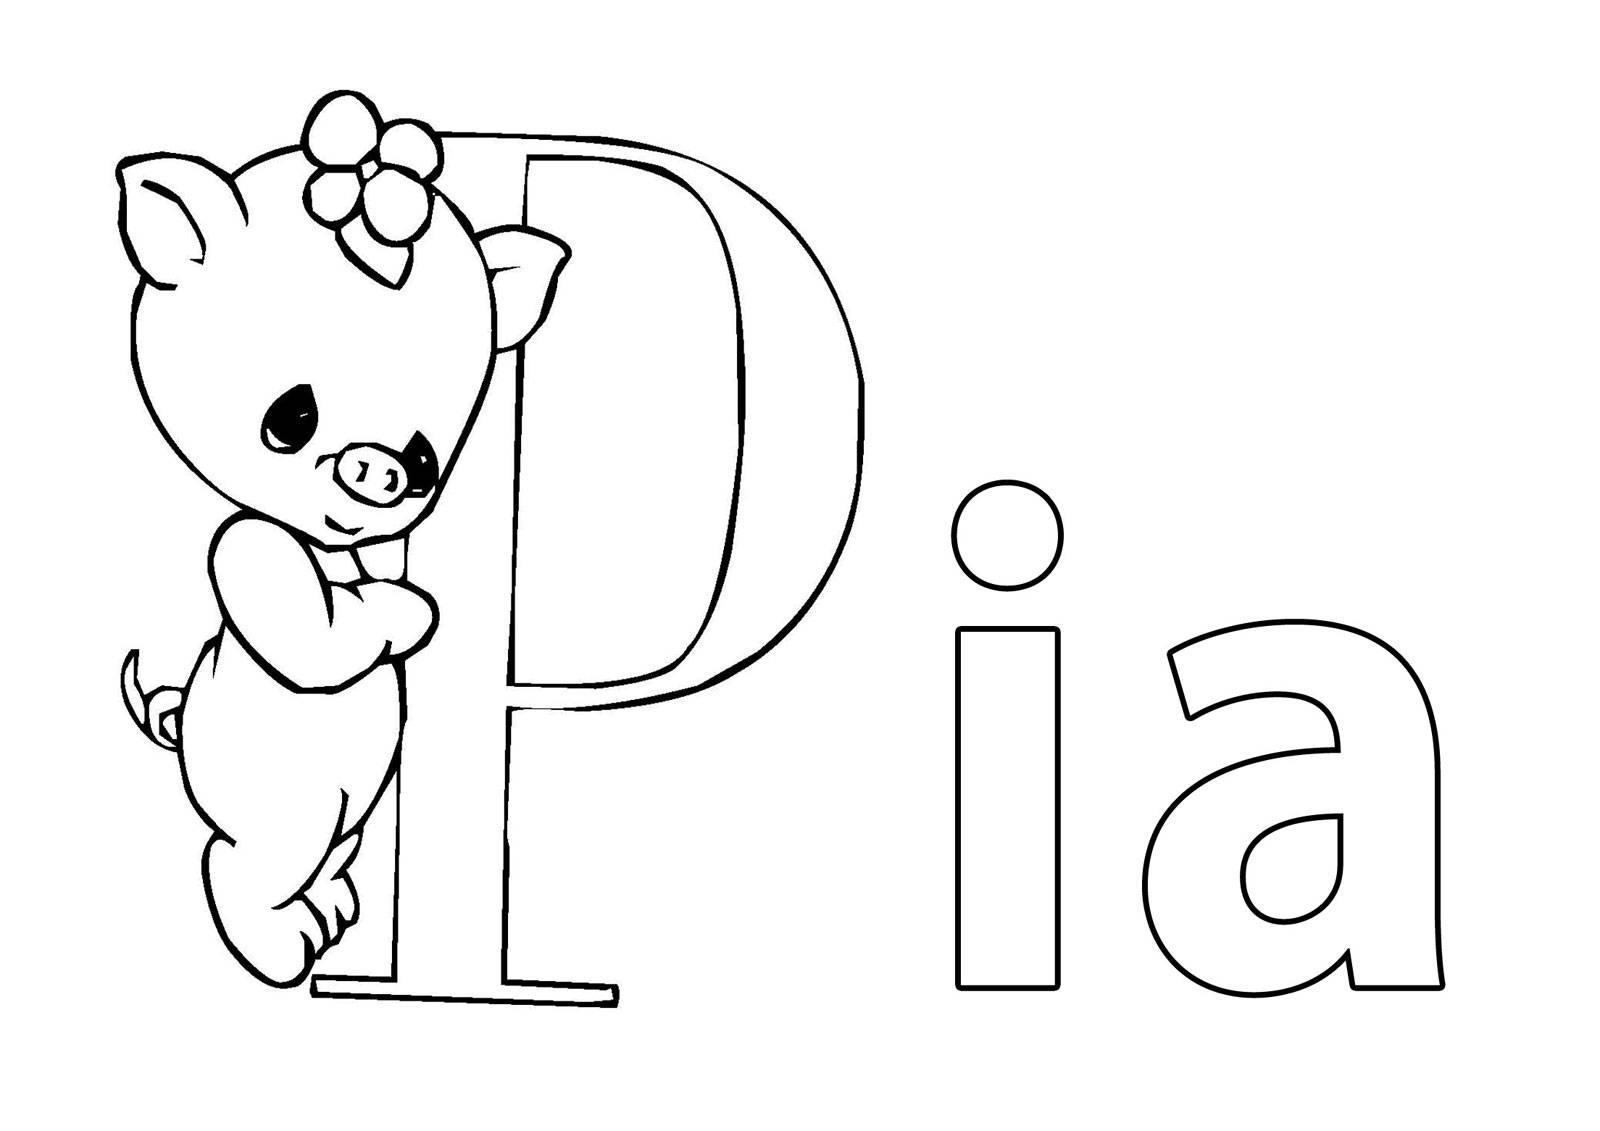 Ausmalbild Beliebte Mädchennamen: Vorname Pia ausmalen kostenlos ...